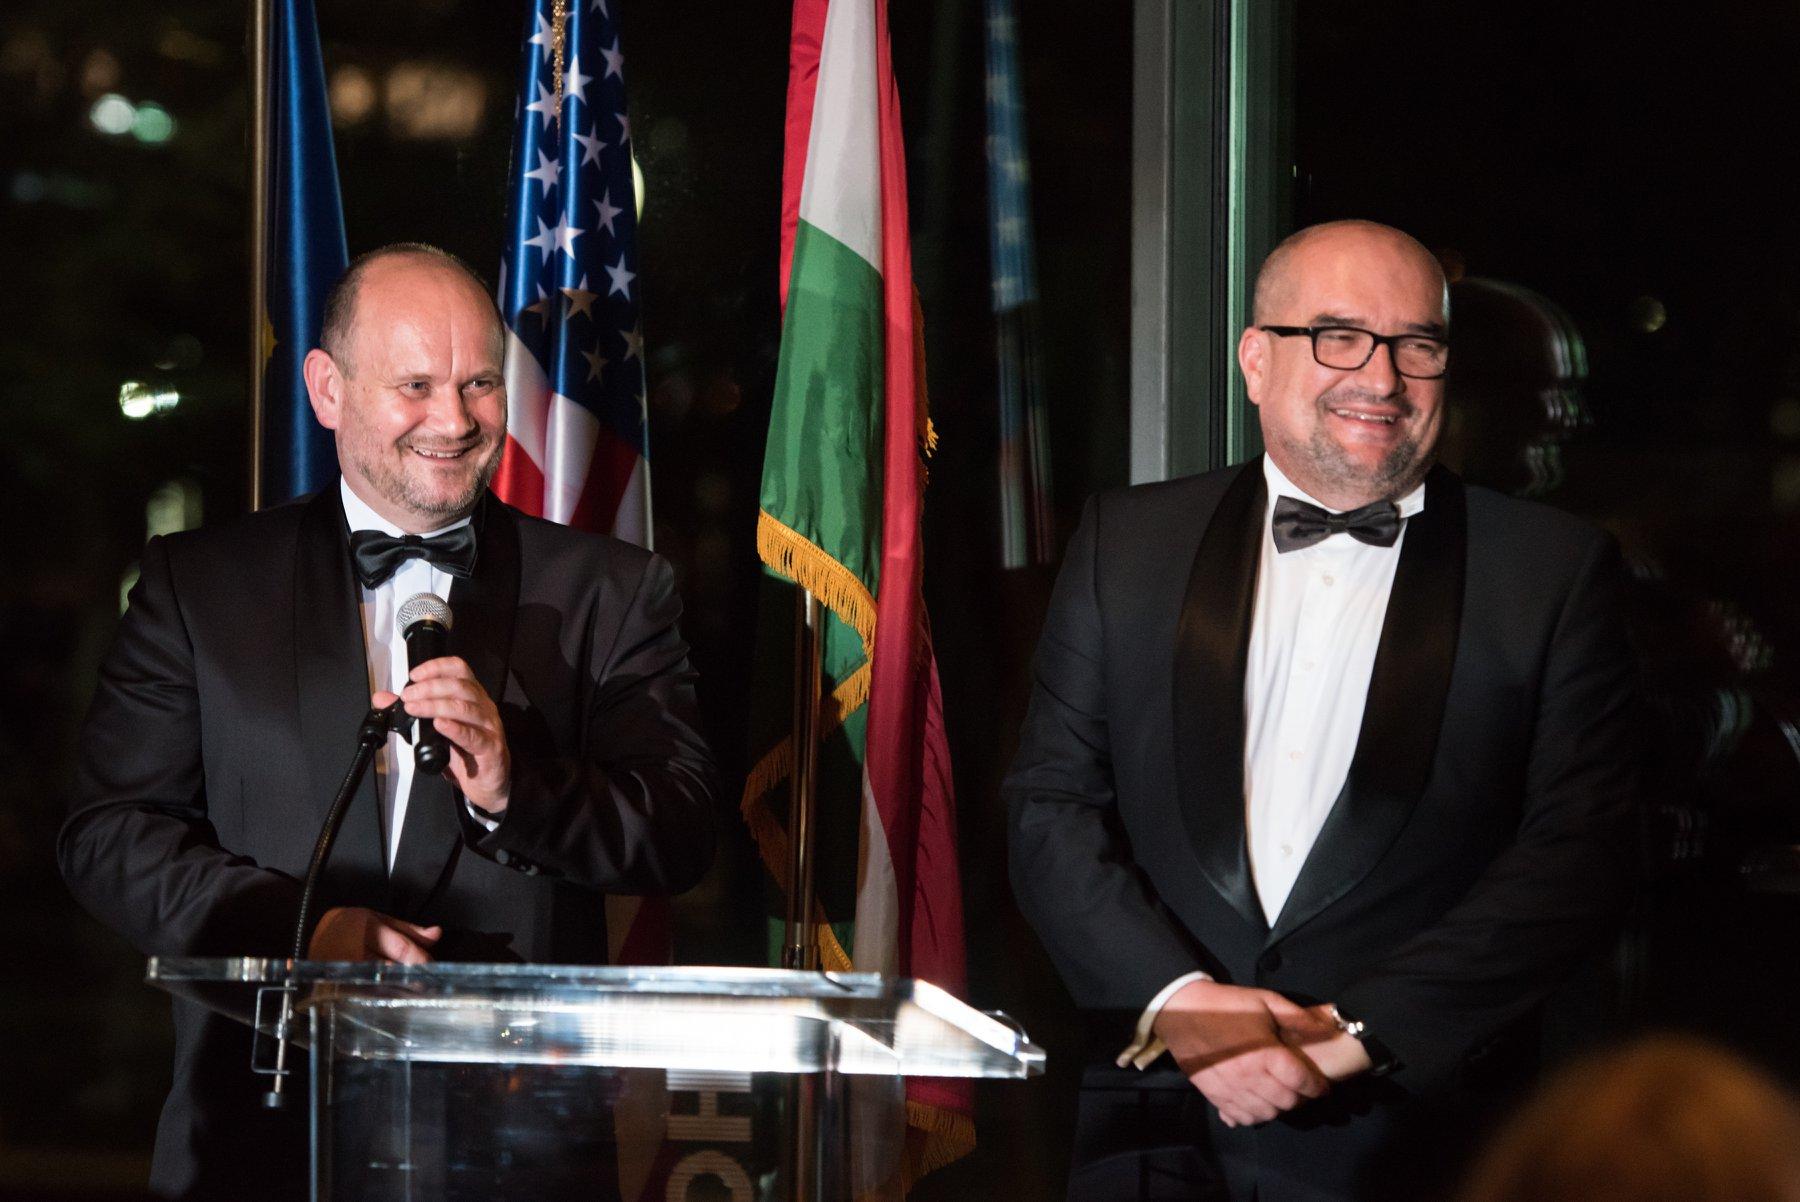 Mr. György Kóta and Dr. László Brenzovics